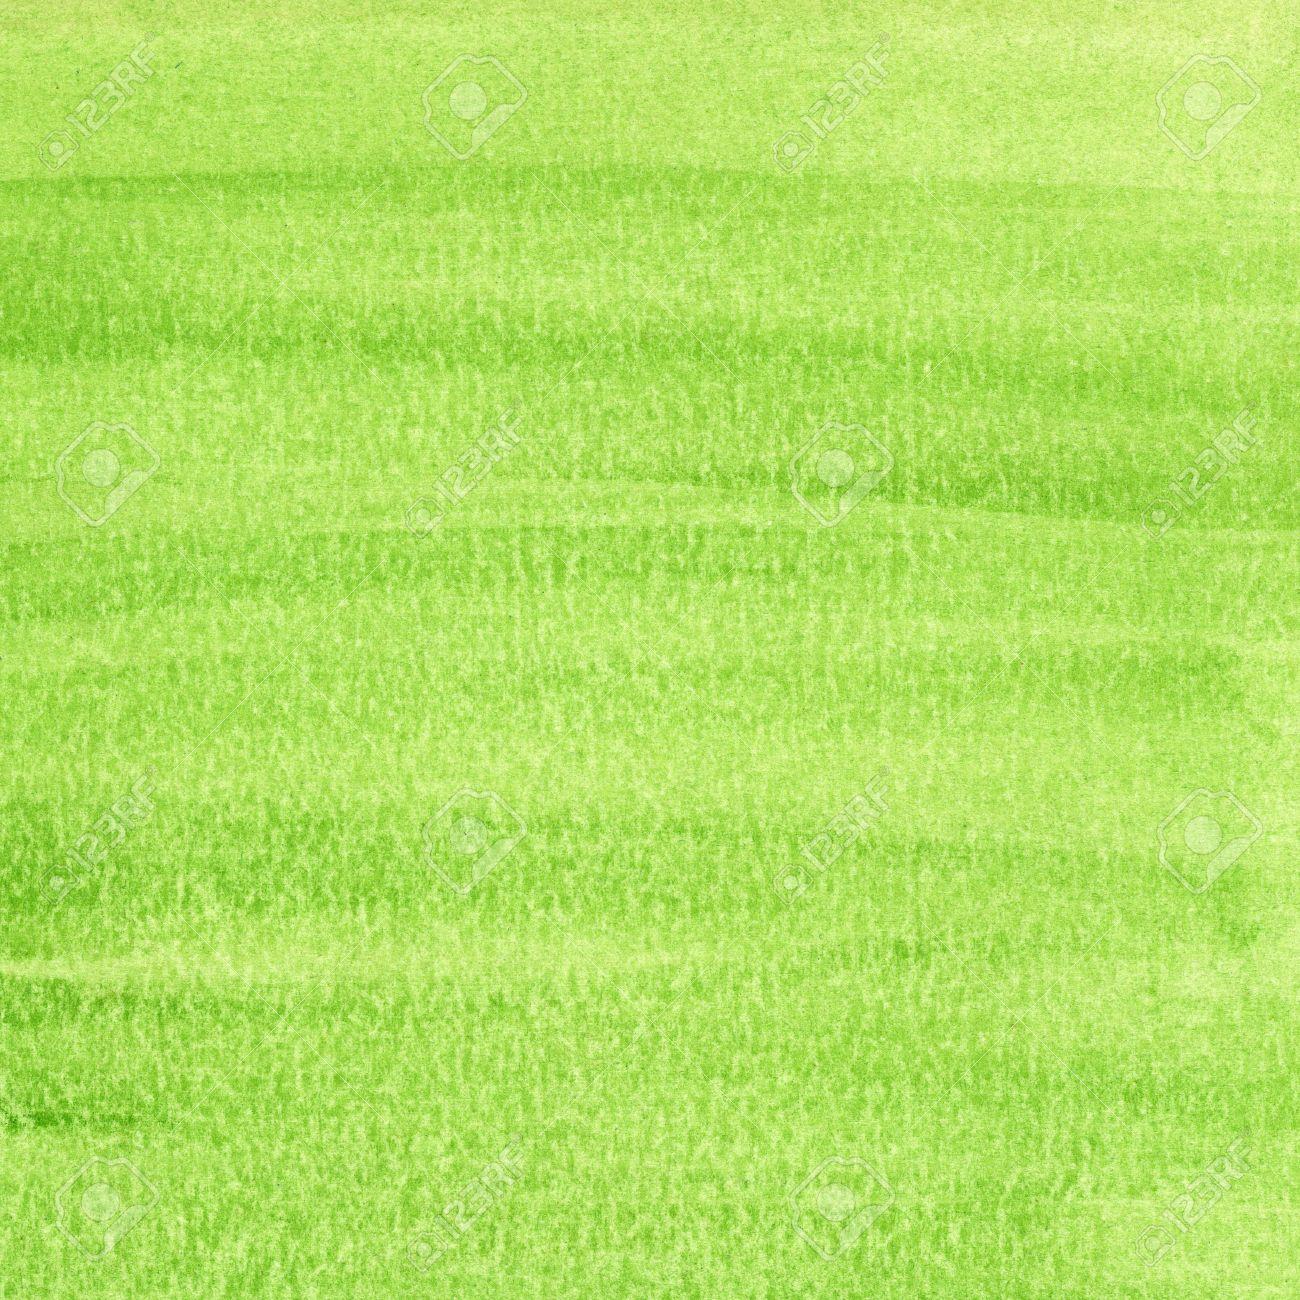 5668587-acuarela-abstracta-pintada-de-color-verde-claro-con-textura-cero-papel-hecho-por-ellos-mismos-Foto-de-archivo.jpg